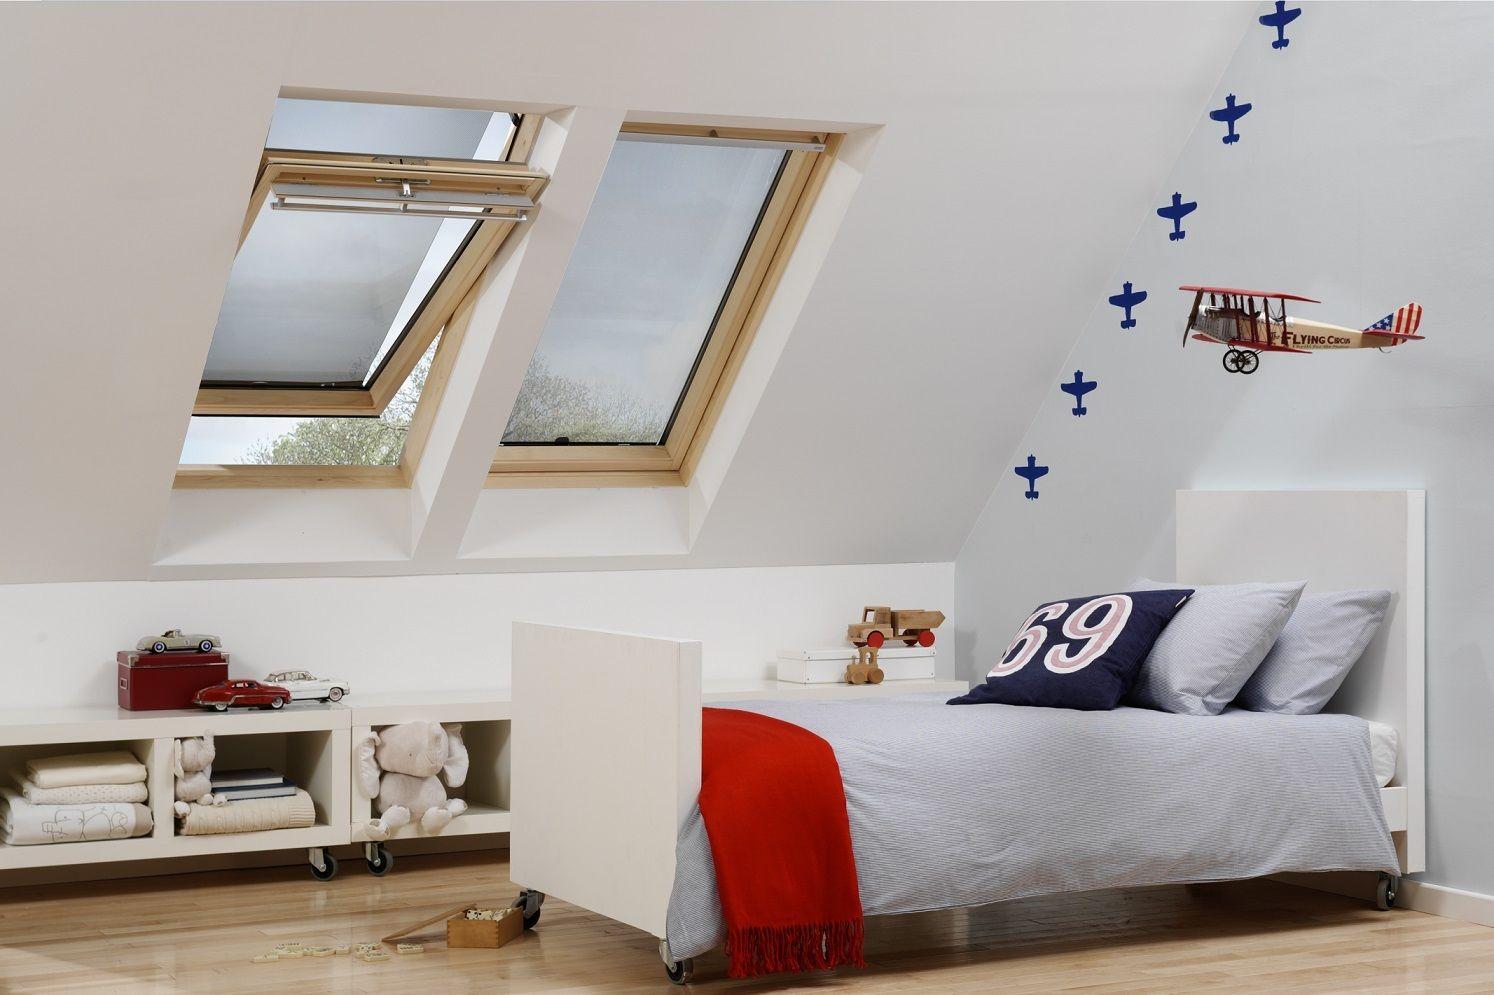 Dachfenster Markise Hitzeschutz für RoofLITE Solstro Balio Dakstra Dachfenster | eBay